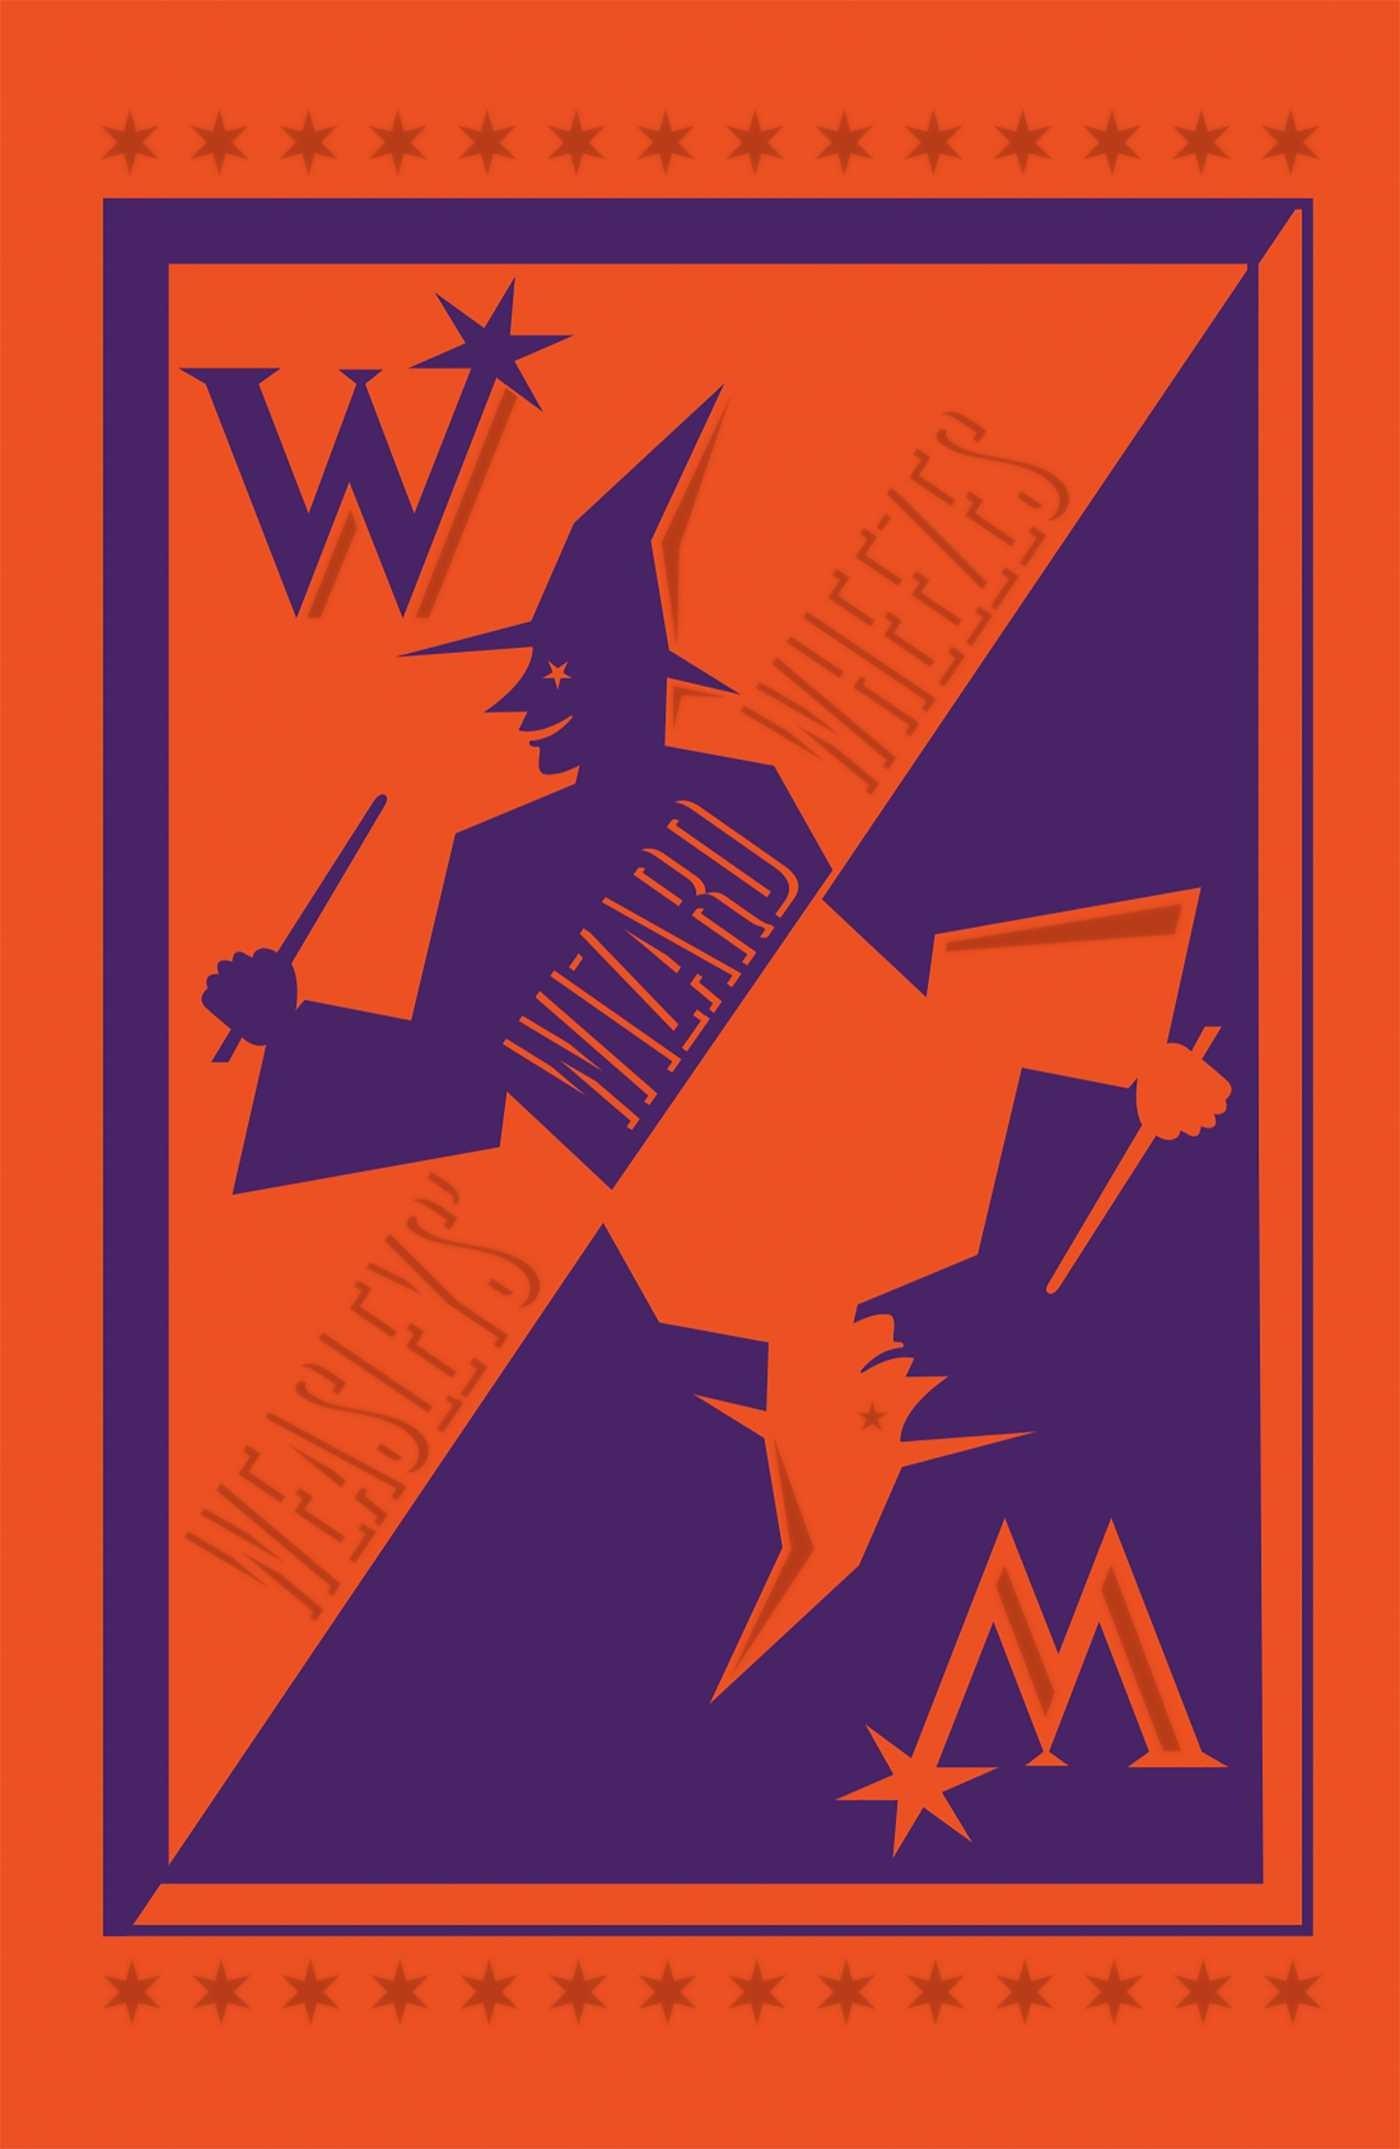 harry potter weasleys wizard wheezes desktop stationery